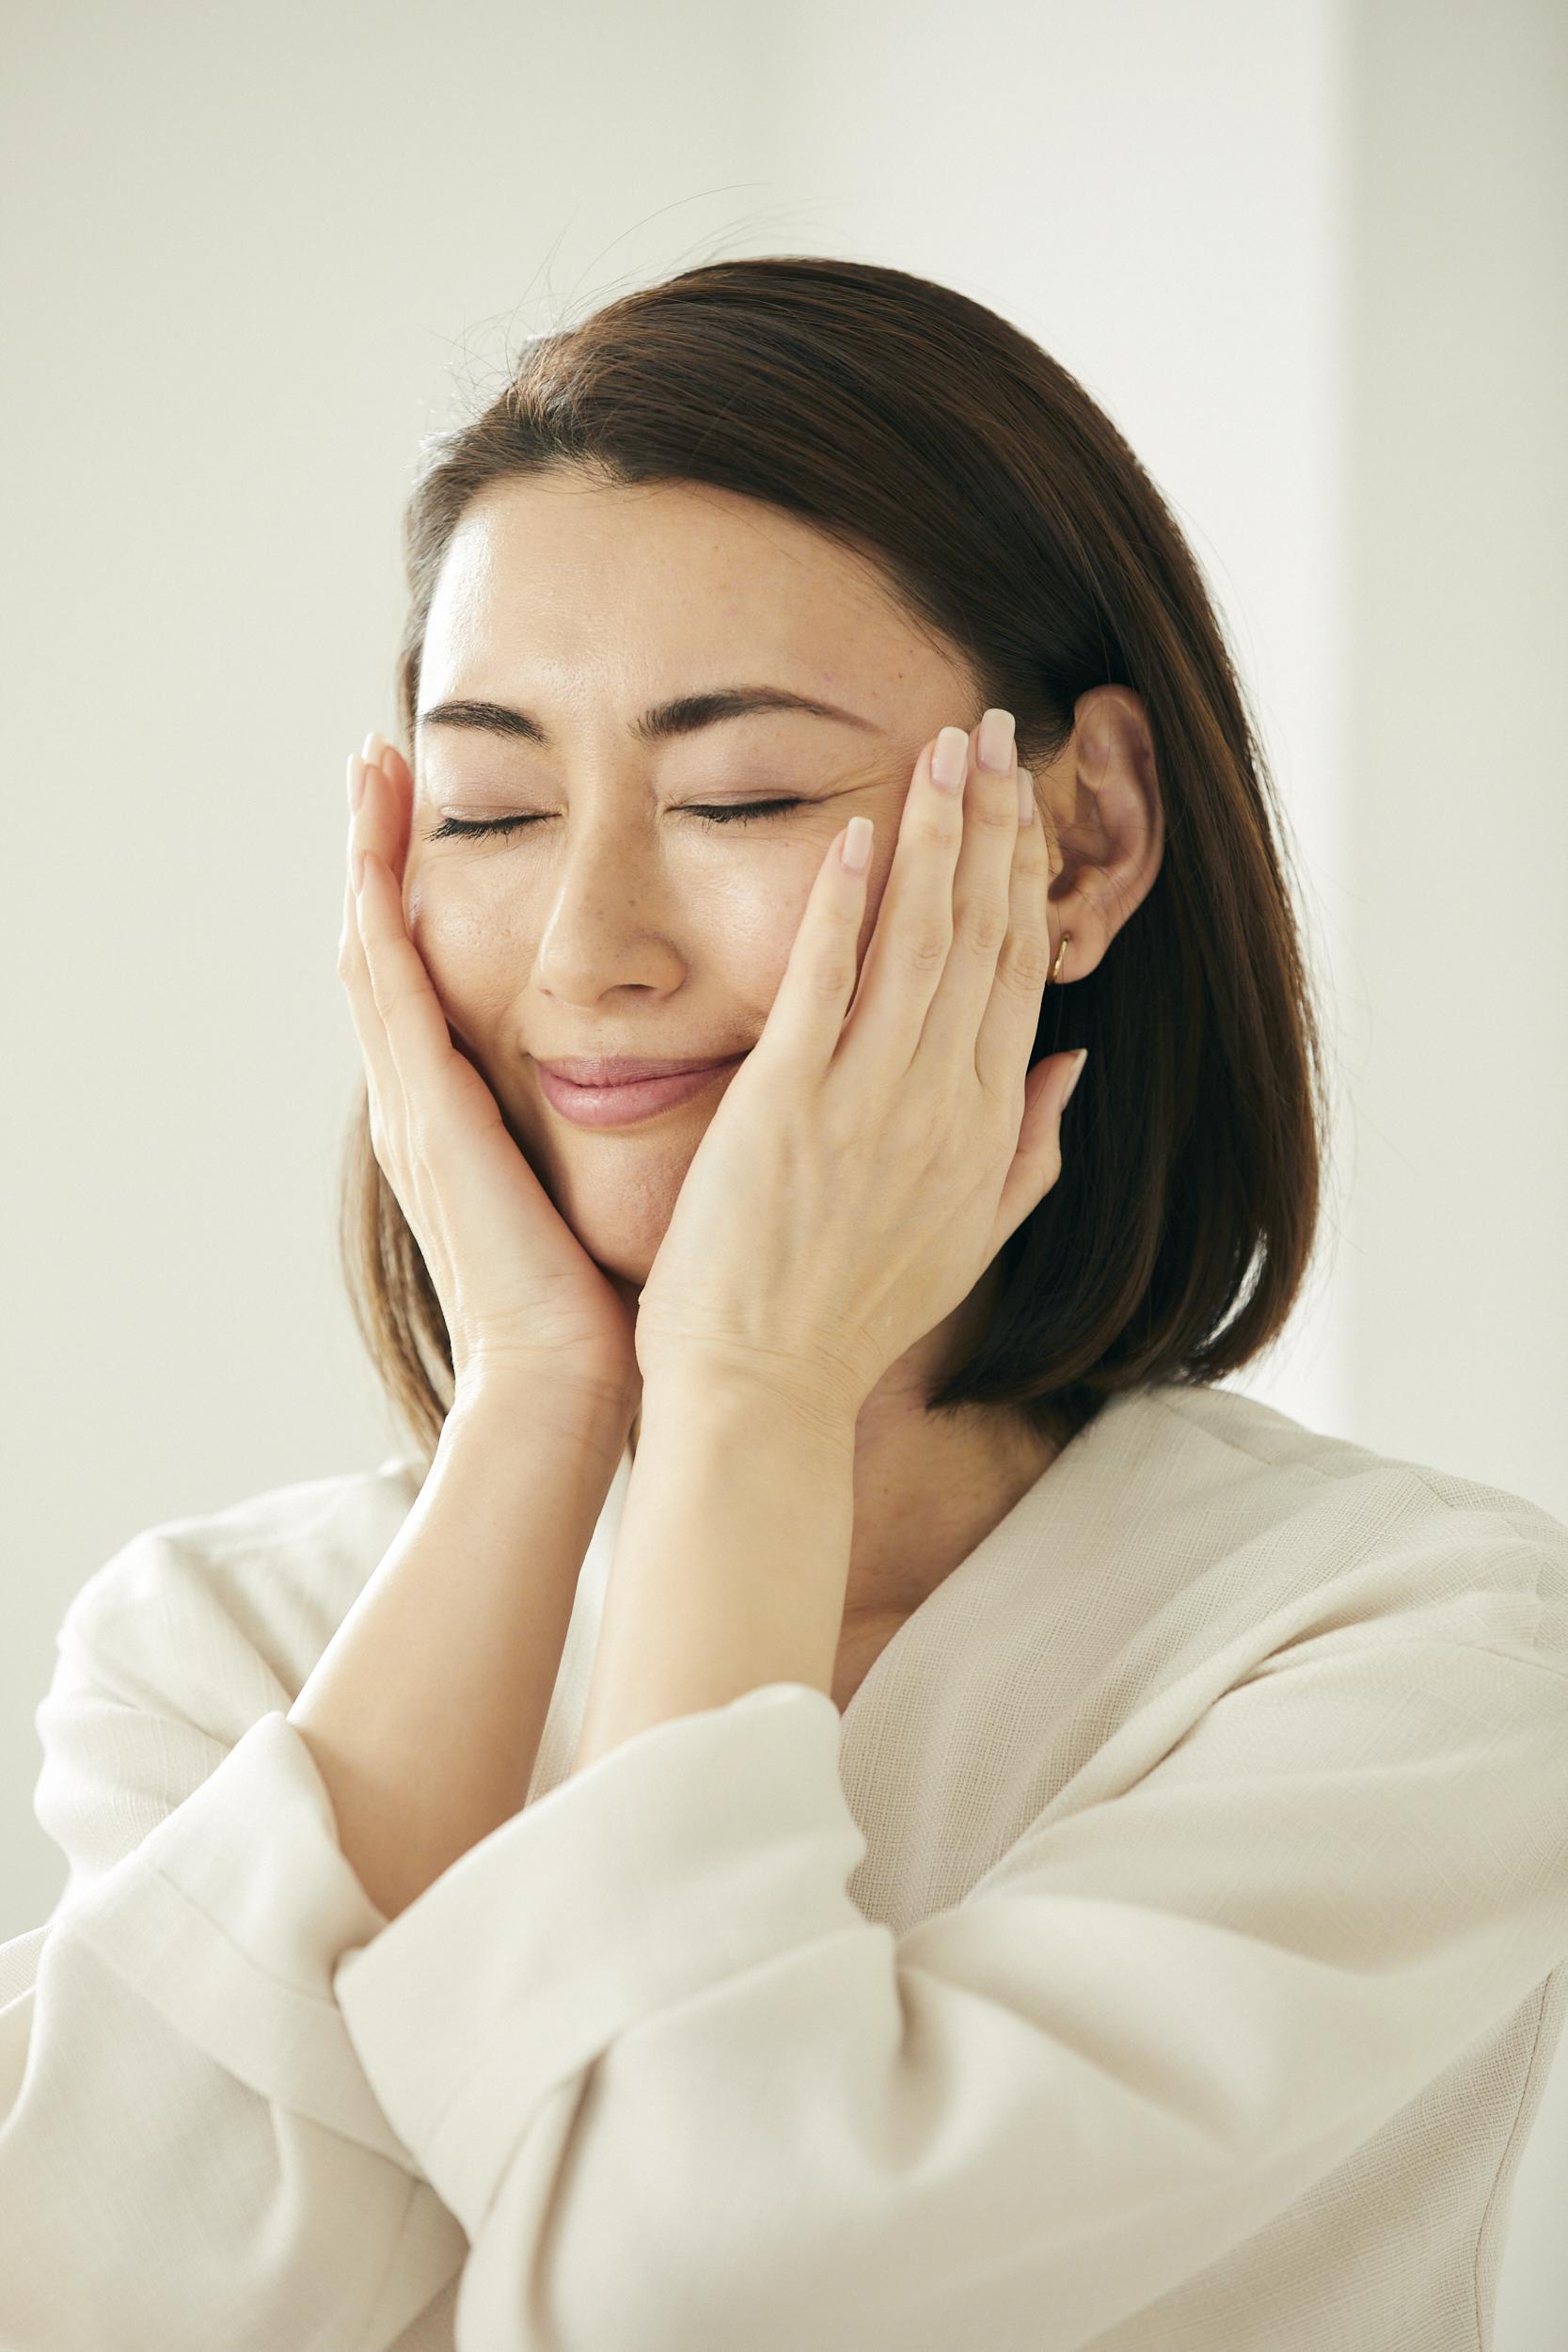 メイクレッスン|スキンケア|女性性|自己肯定感|美肌|美容|呼吸法|瞑想|先生|東京|広尾|体験|セミナー|人相|人相学|30代|40代| 50代|個人事業主|男性目線|ヨガ|ハタヨガ|ストレス|頭の疲れ|脳の疲れ|ハーズ|プレシャス|子育て|育児|ヴィーガン|マインドフルネス|心理学|乾燥肌|妊娠|出産|復職|顔タイプ診断|スキンケア瞑想